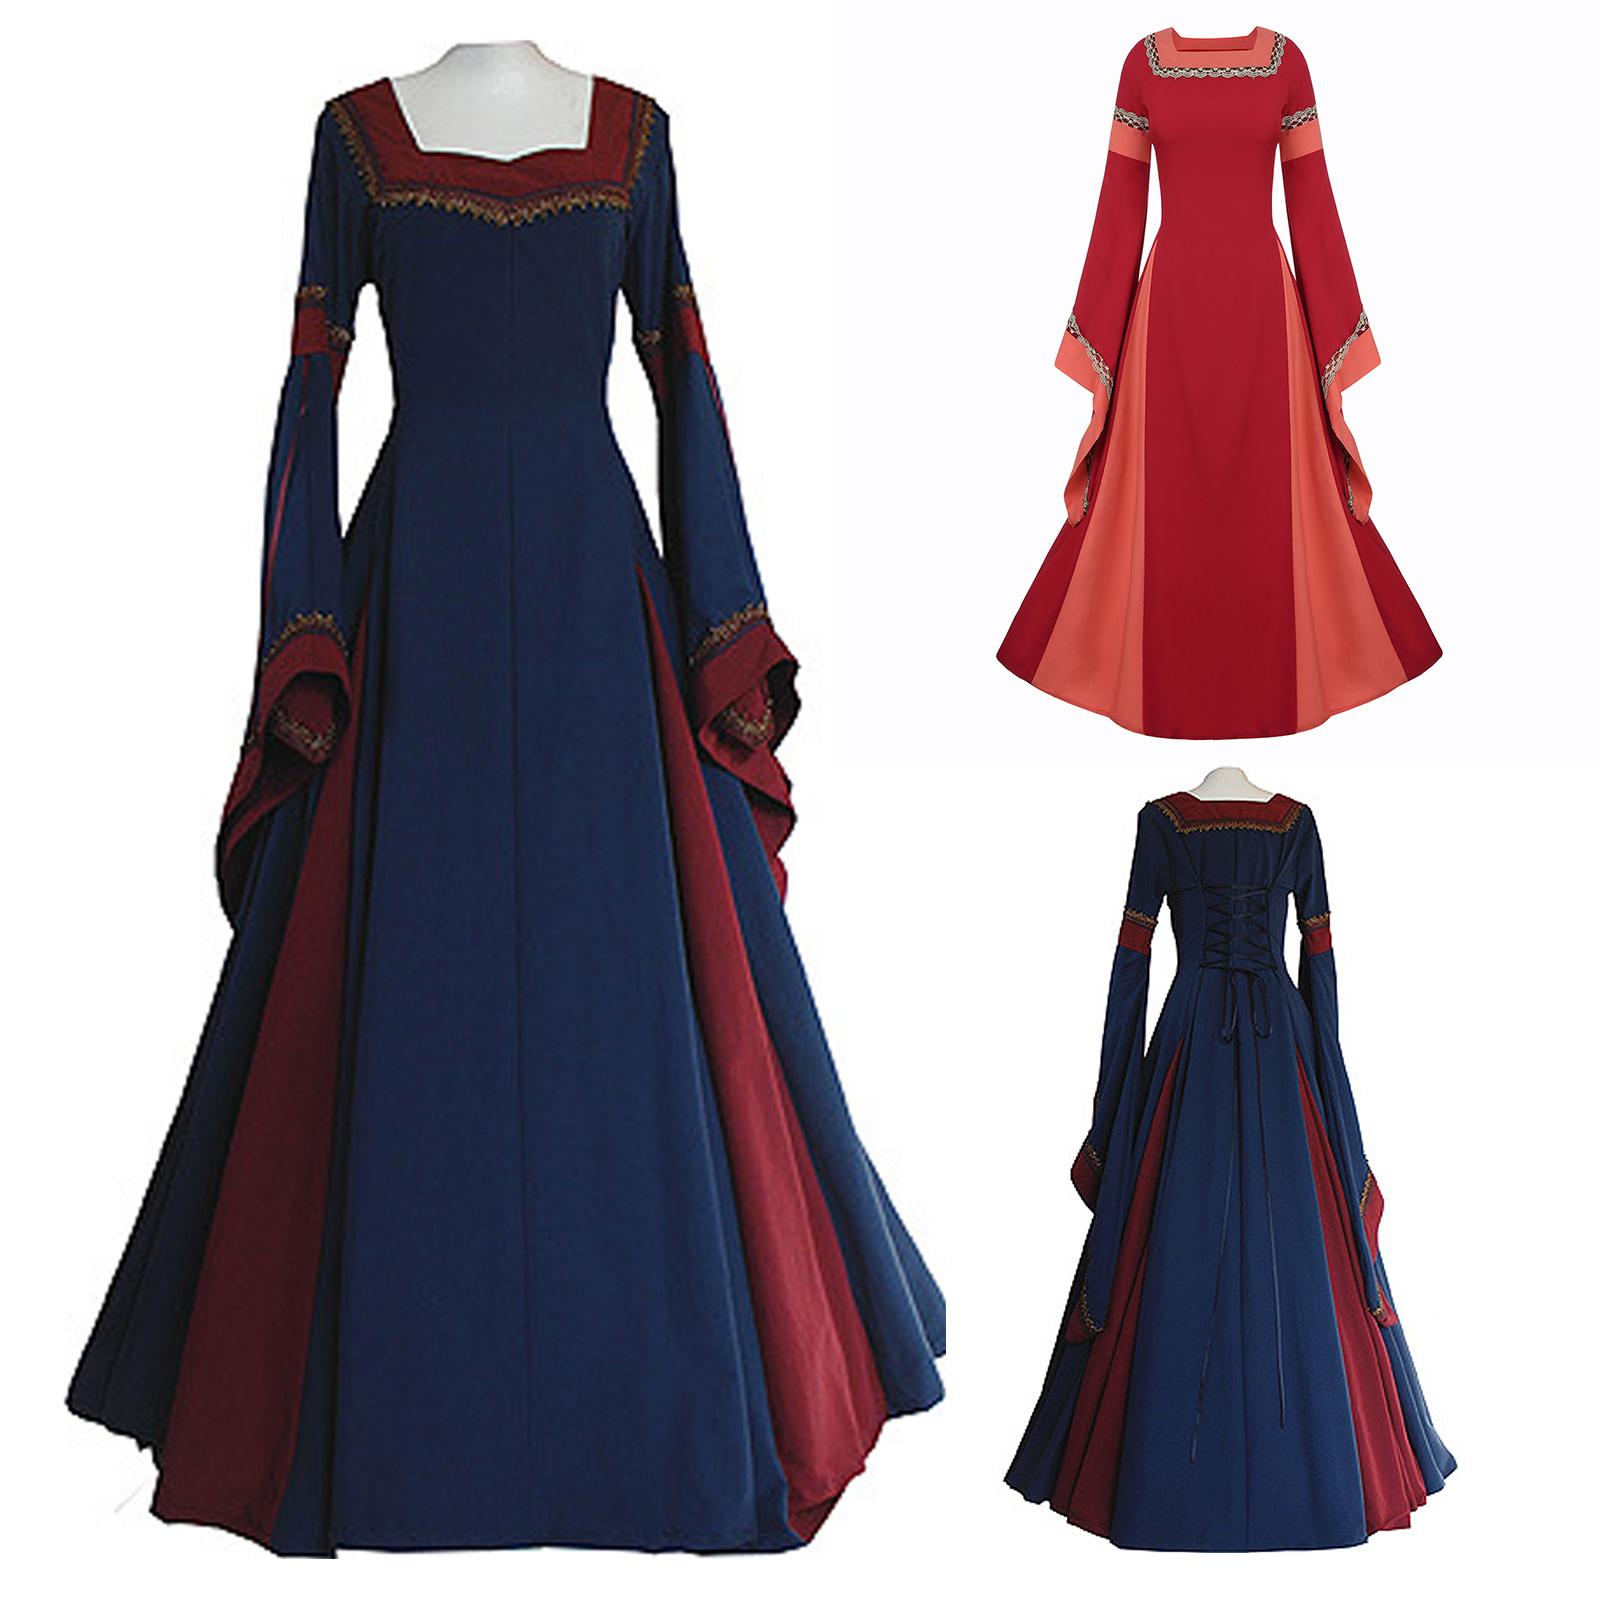 Medieval Dress Women/'s Vintage Victorian Renaissance Gothic Costume Gown Dress